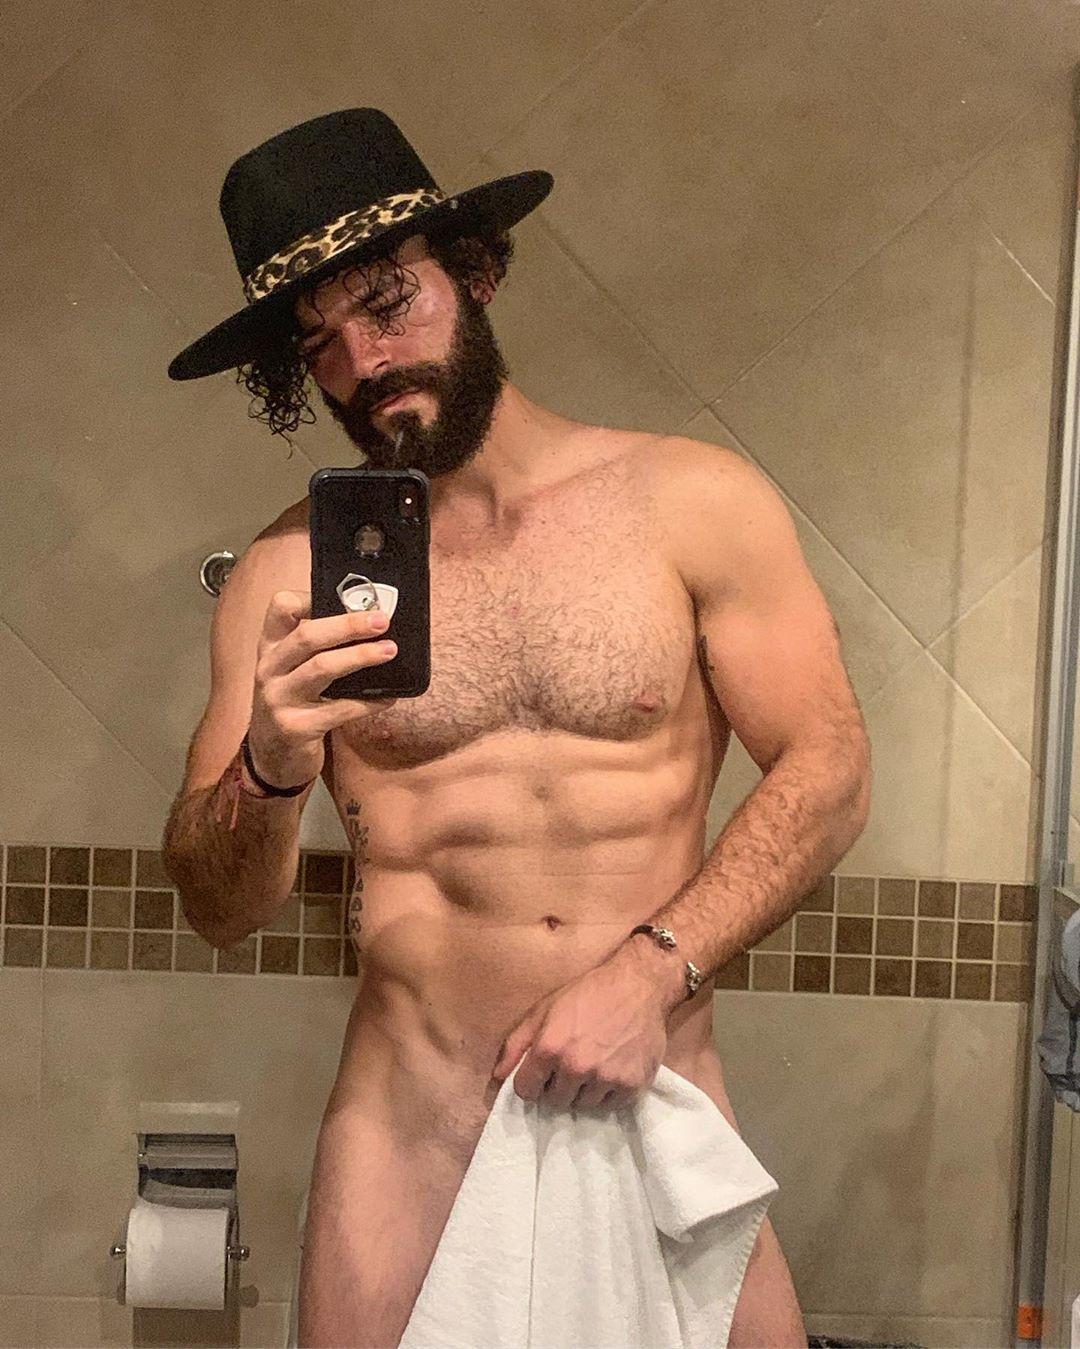 Adrian Actor Porno Desnudo foto) adrián dimonte es criticado por mostrar fotografía sin